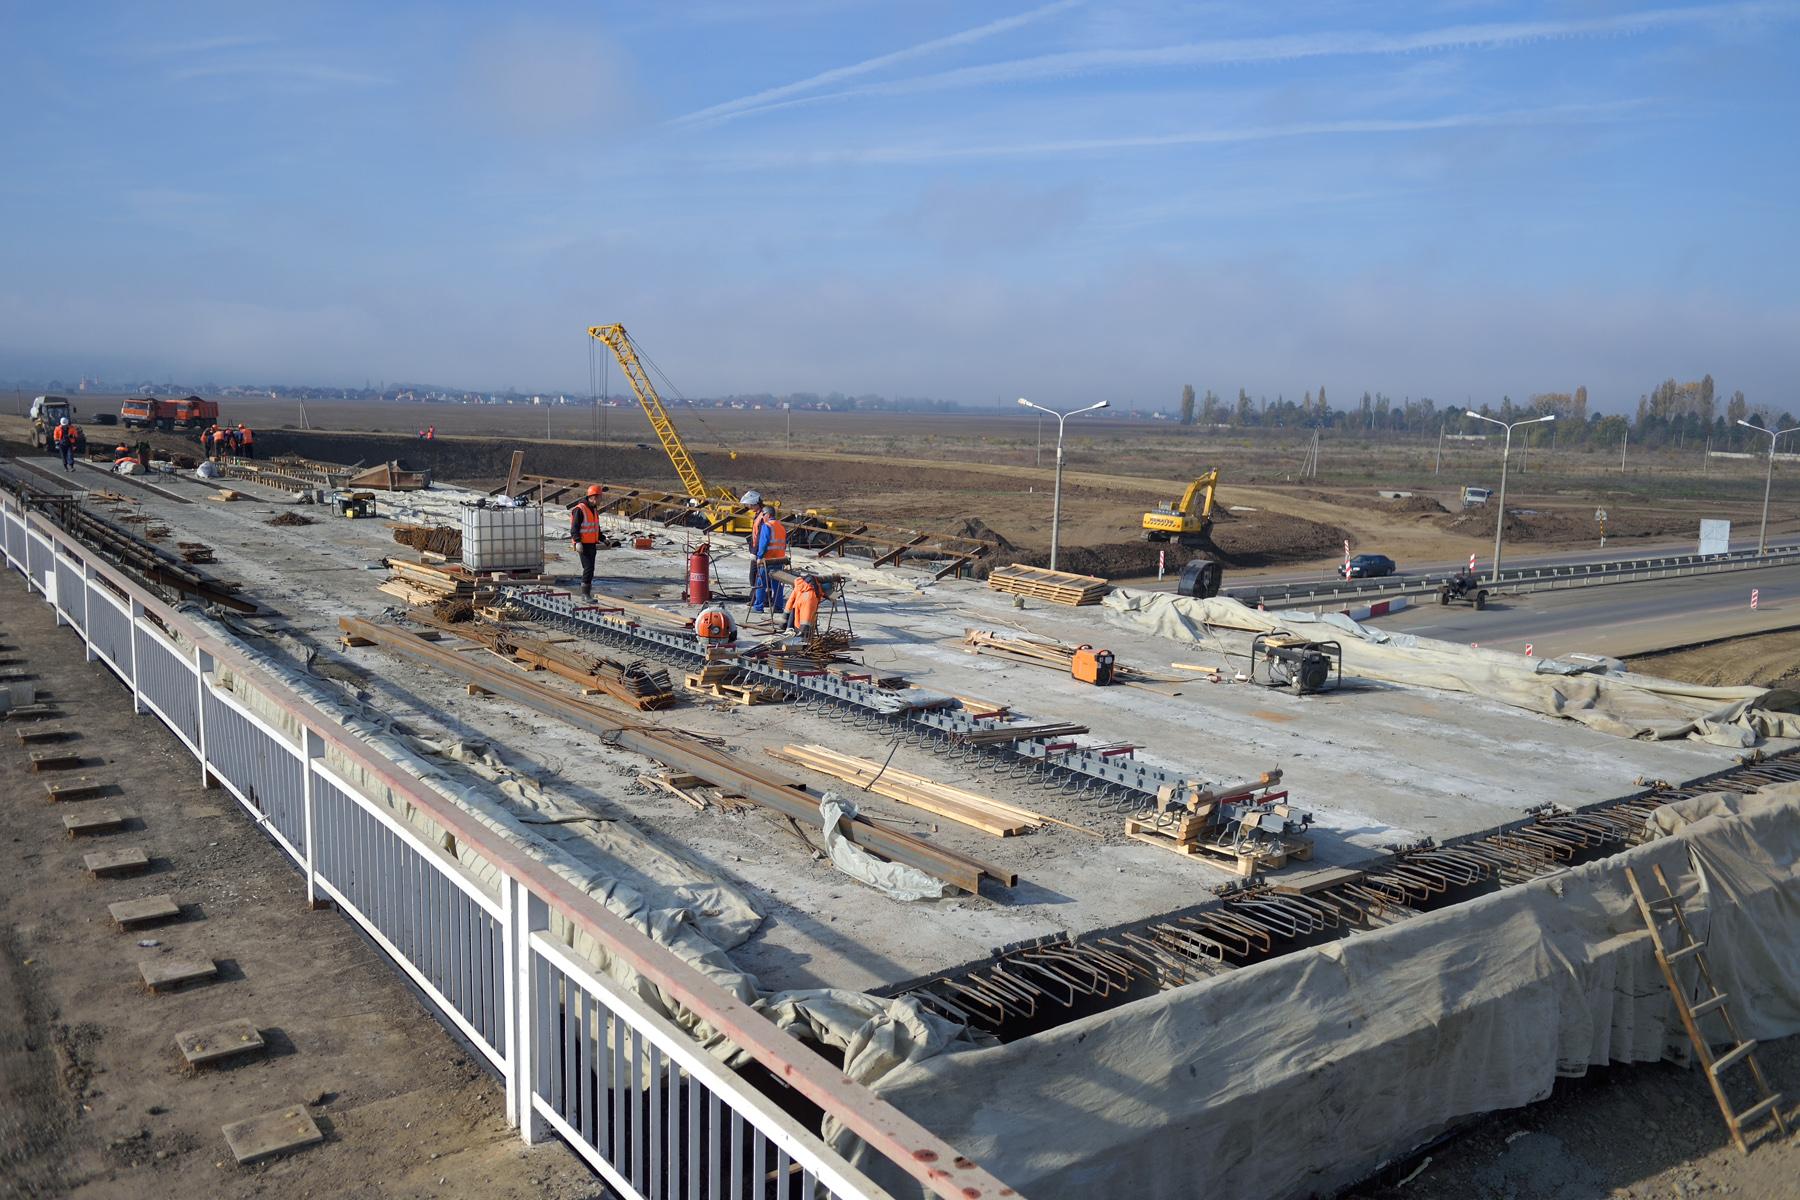 Адыгея получит почти 3,5 млрд. рублей на строительство и реконструкцию дорог